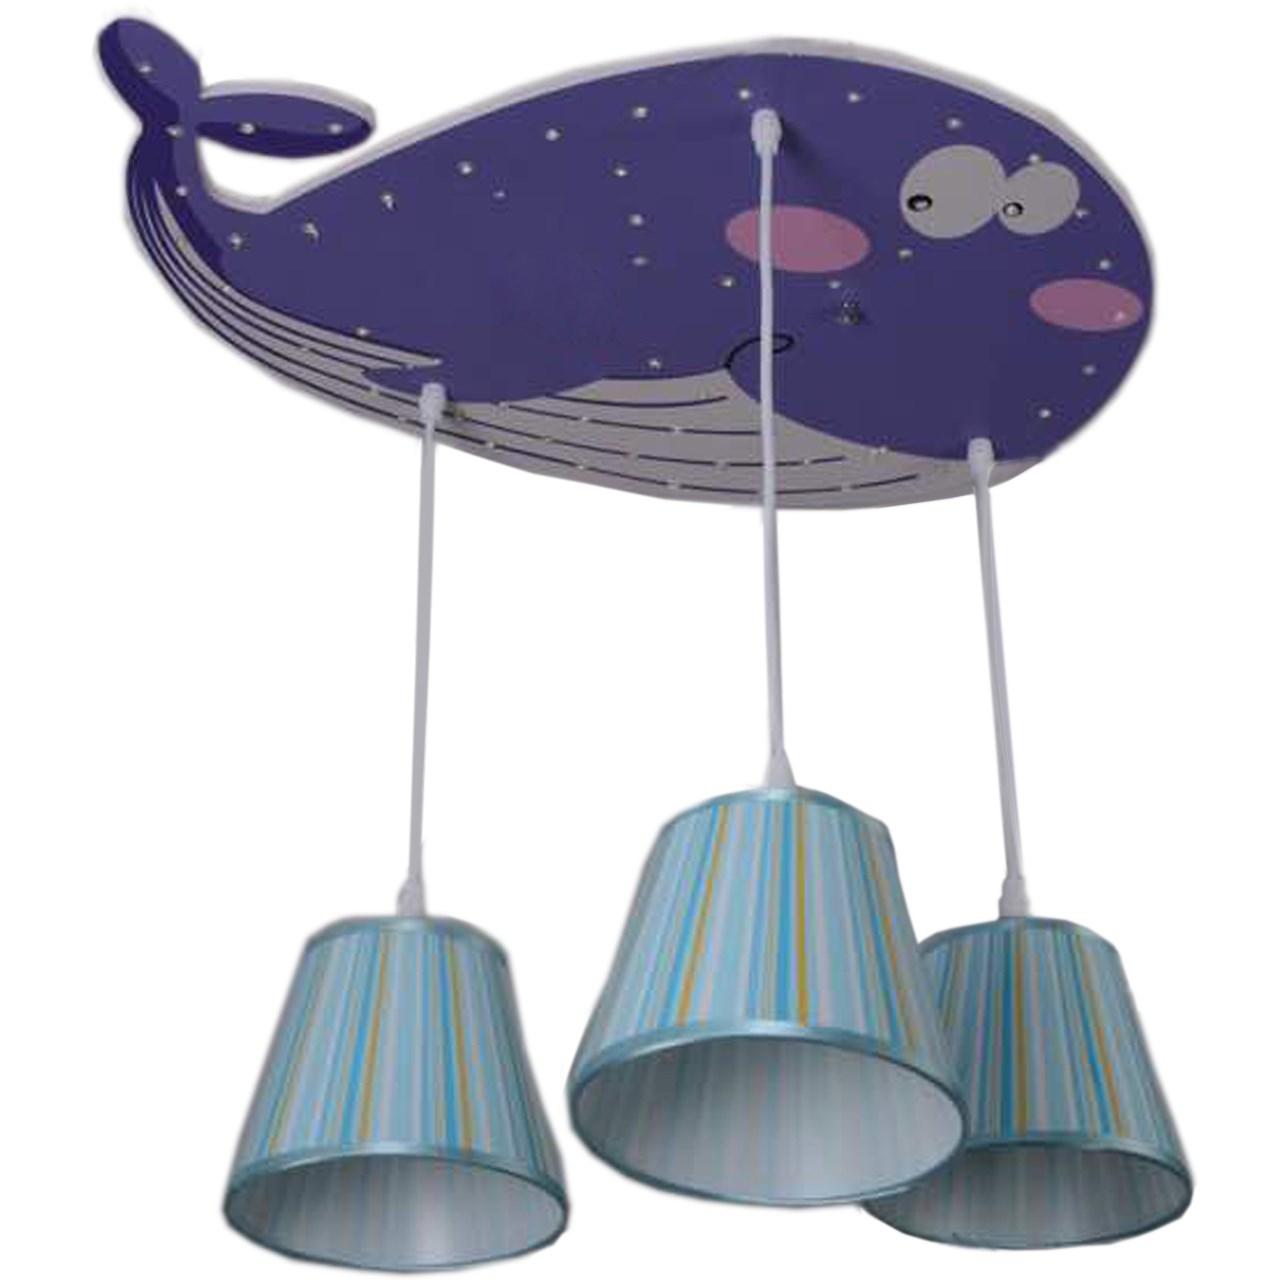 لوستر کودک ویتالایتینگ مدل نهنگ